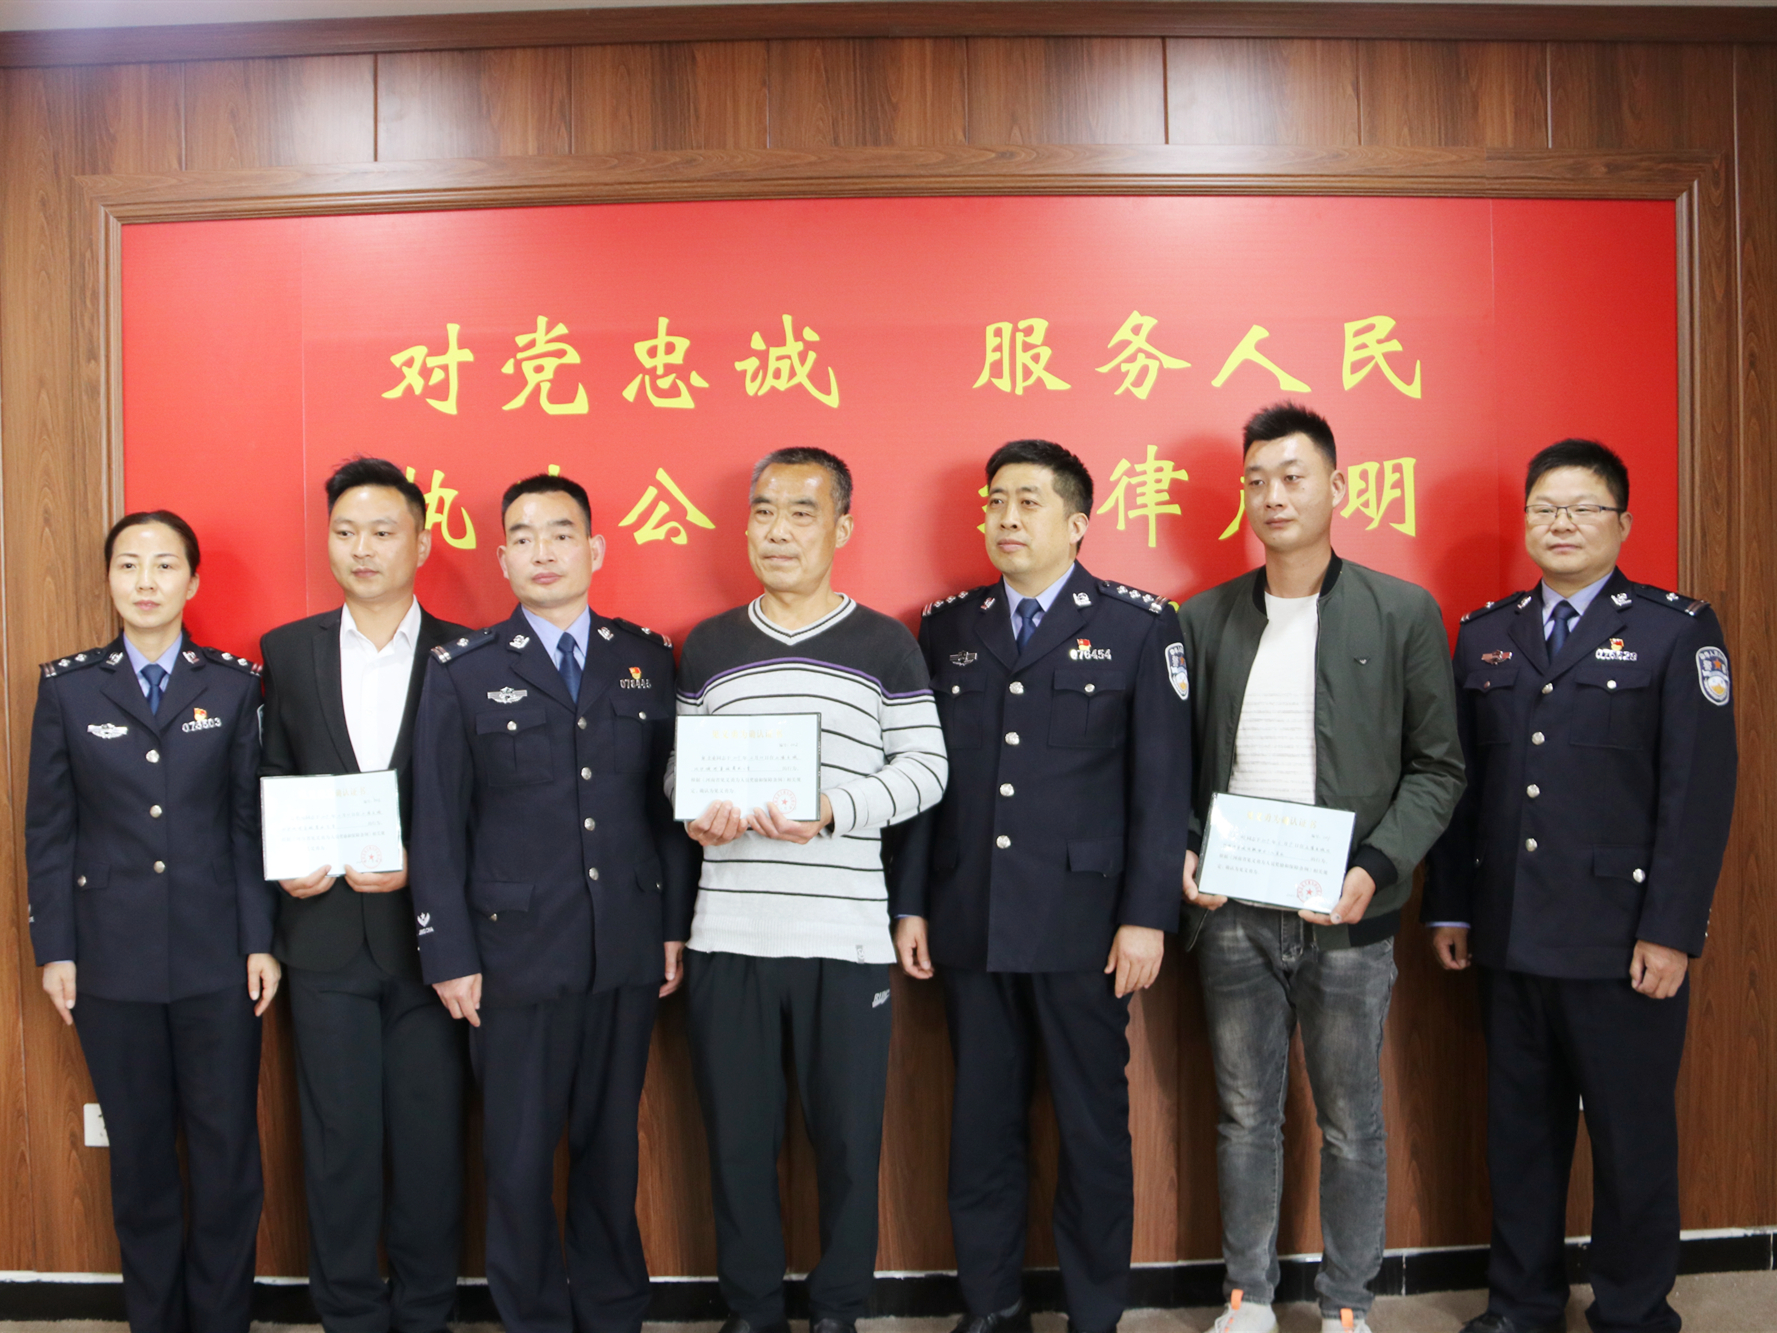 致敬平民英雄!正阳县这三人获见义勇为行为确认证明书